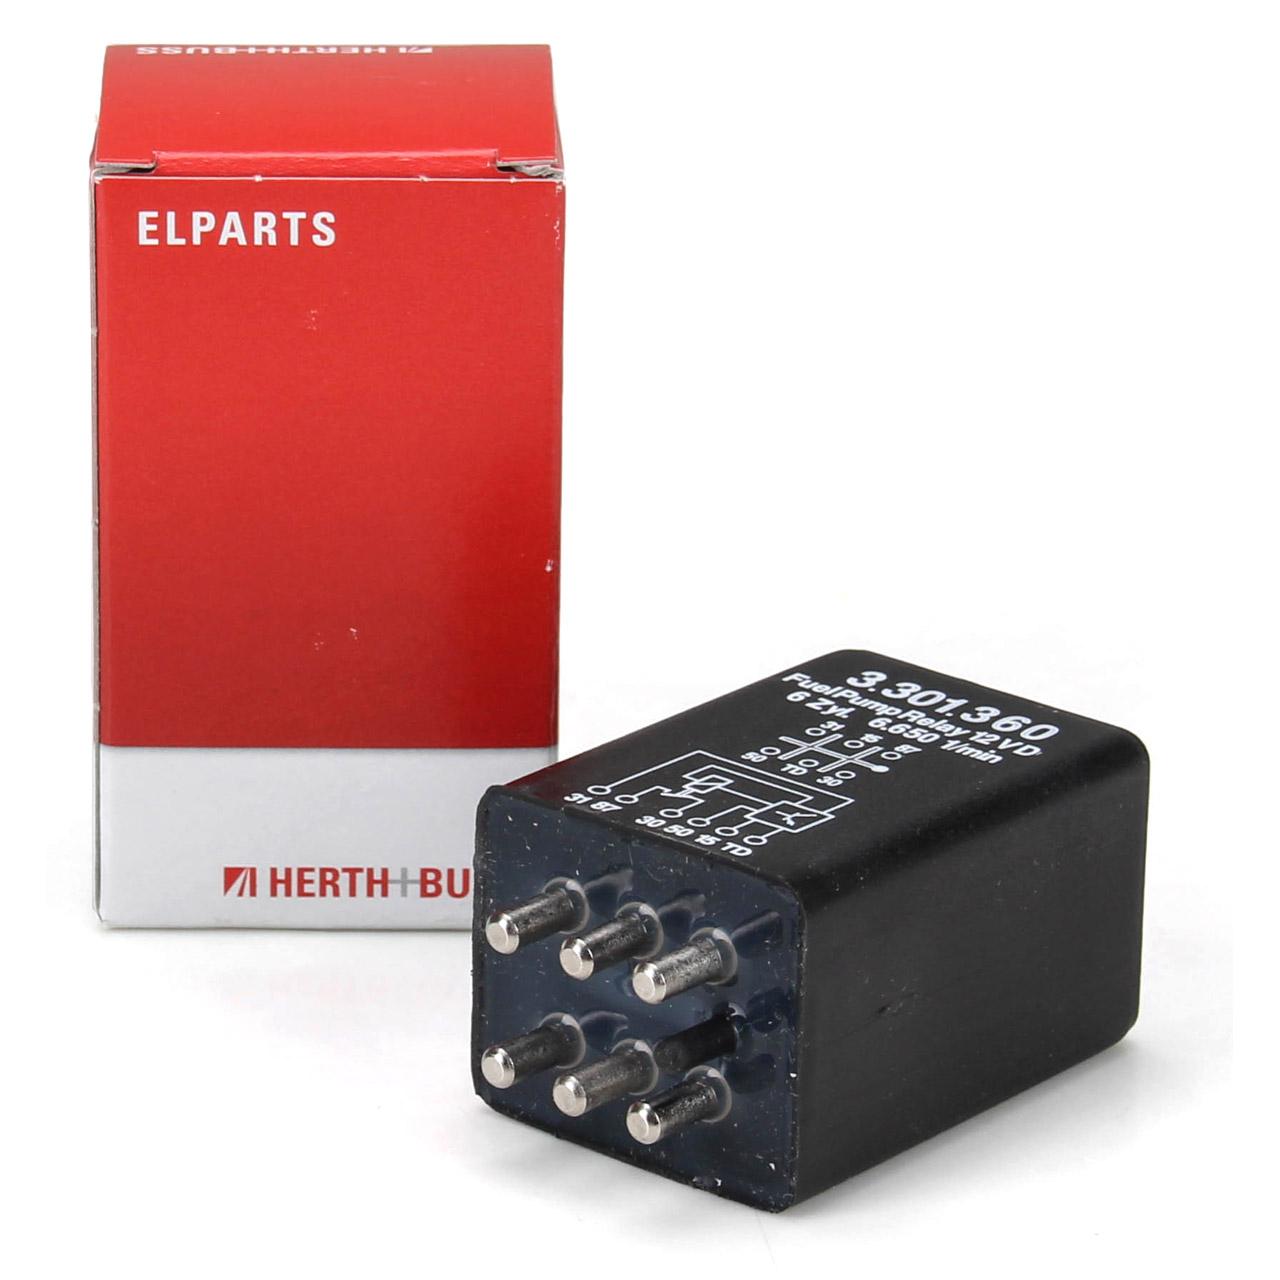 HERTH+BUSS ELPARTS Relais Kraftstoffpumpe für MERCEDES W460 W123 W116 W126 C107